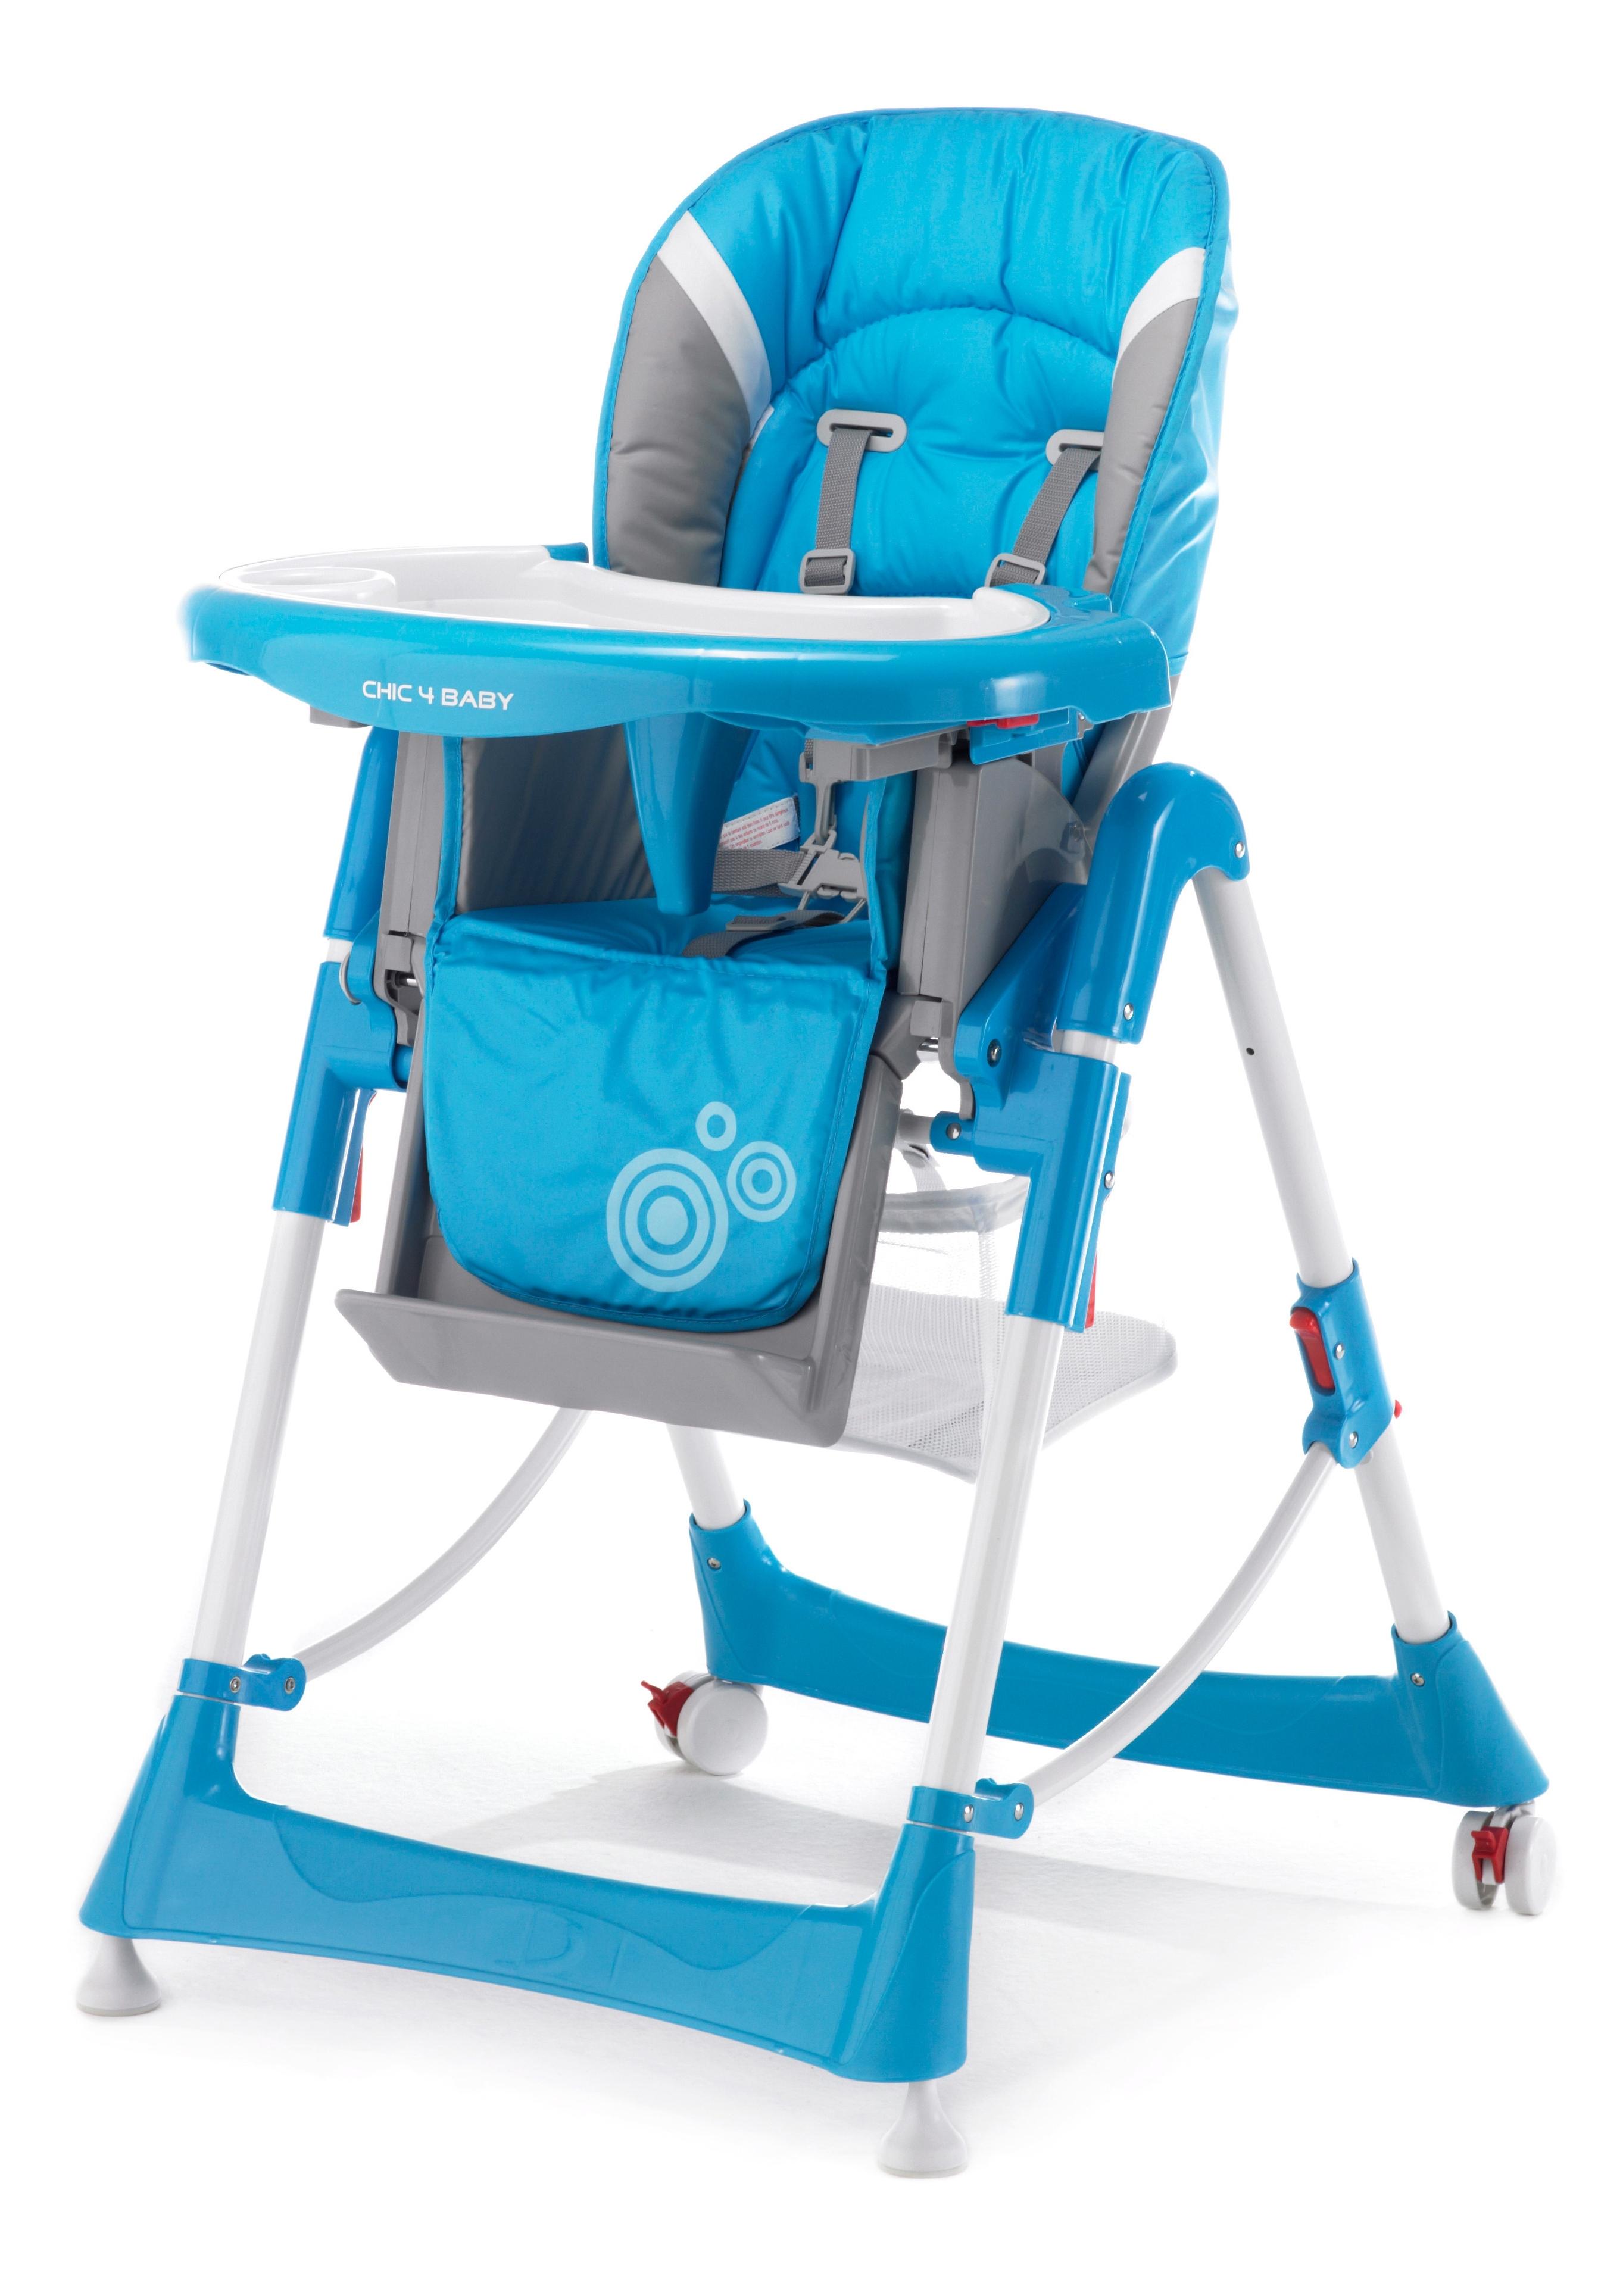 Beste CHIC 4 BABY Kinderstoel met verstelbare zitpositie? Bestel nu bij LL-47